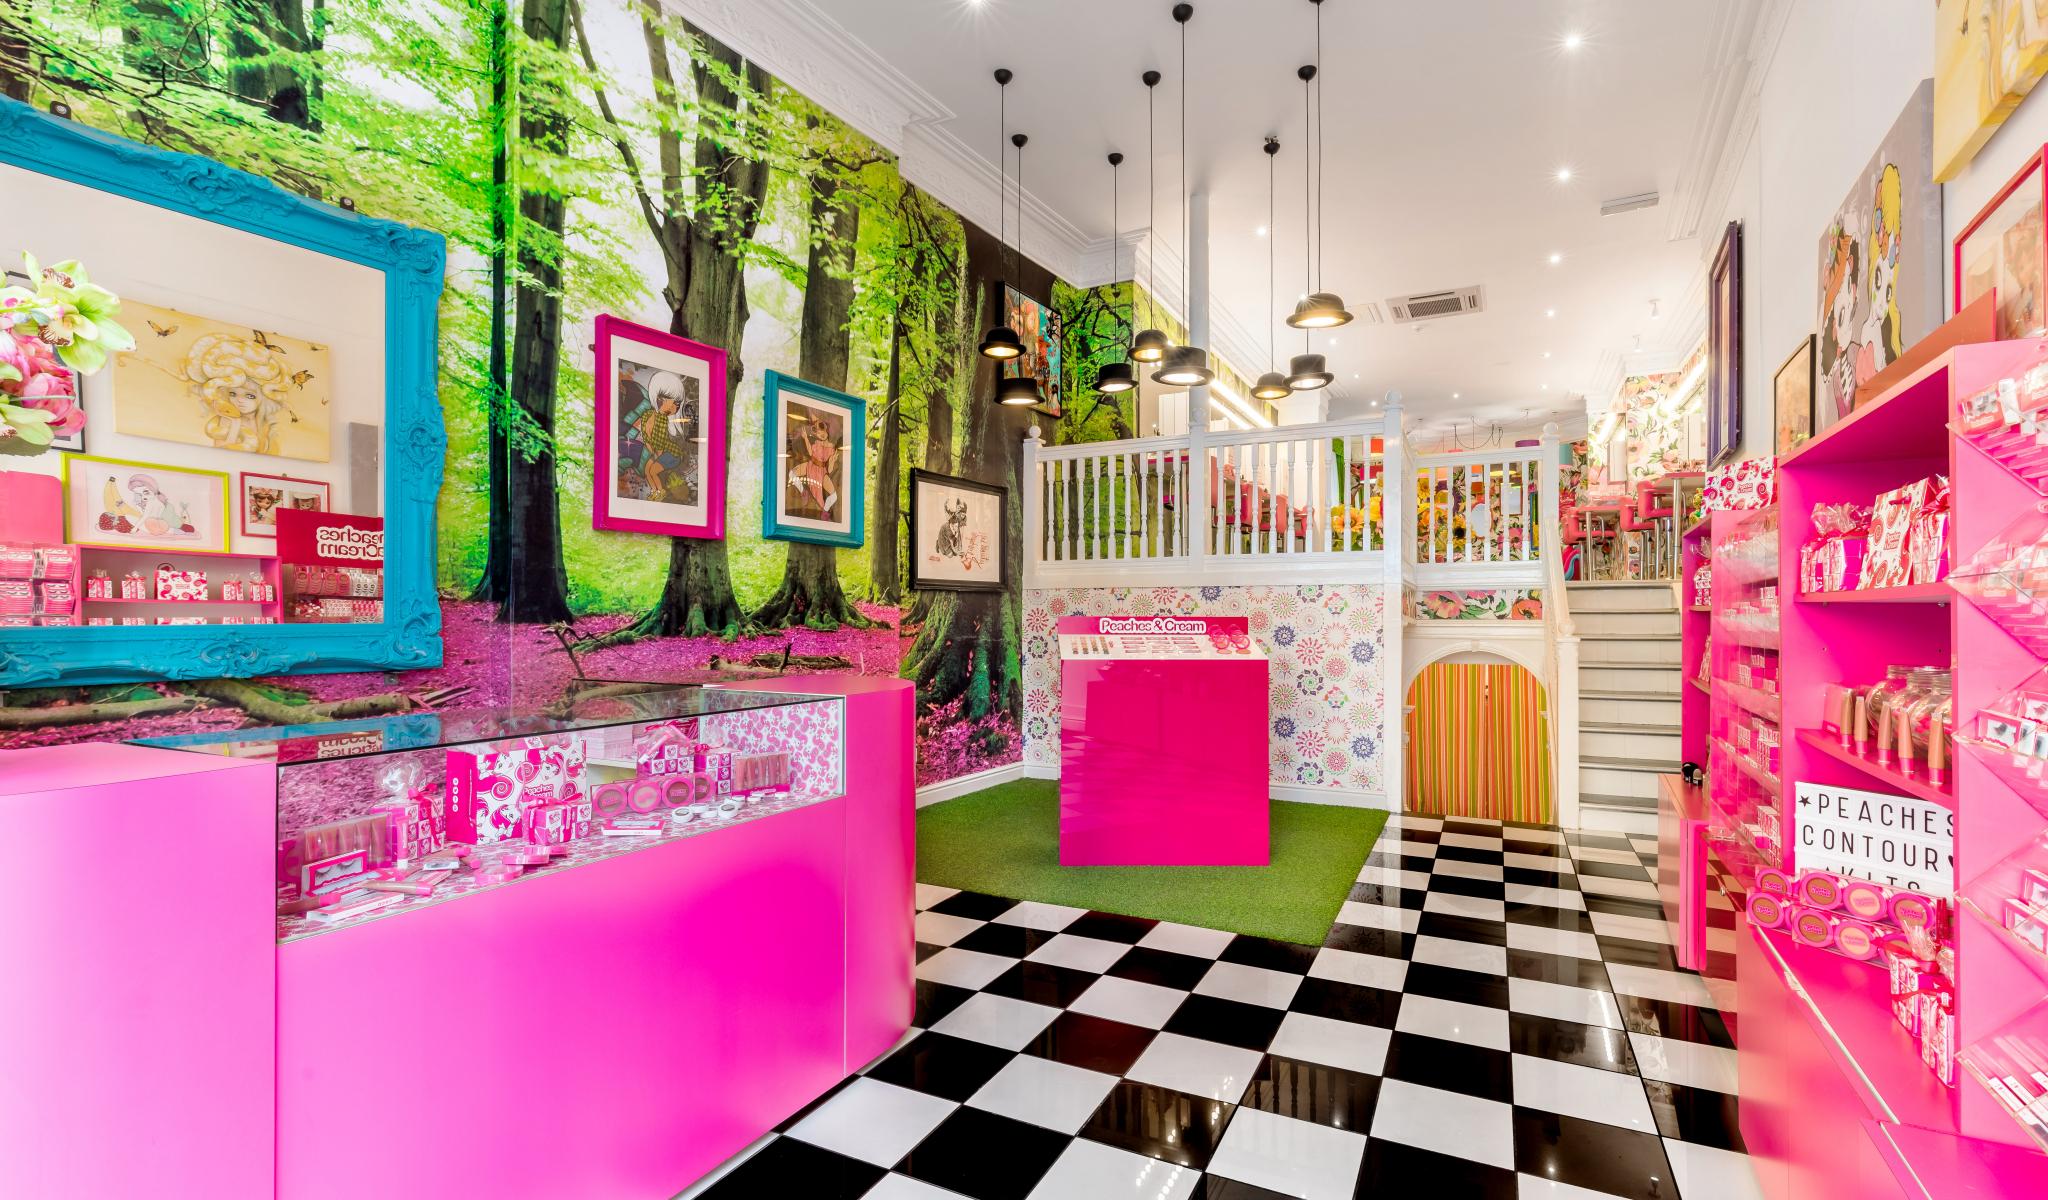 Inside interior of the Peaches & Cream salon